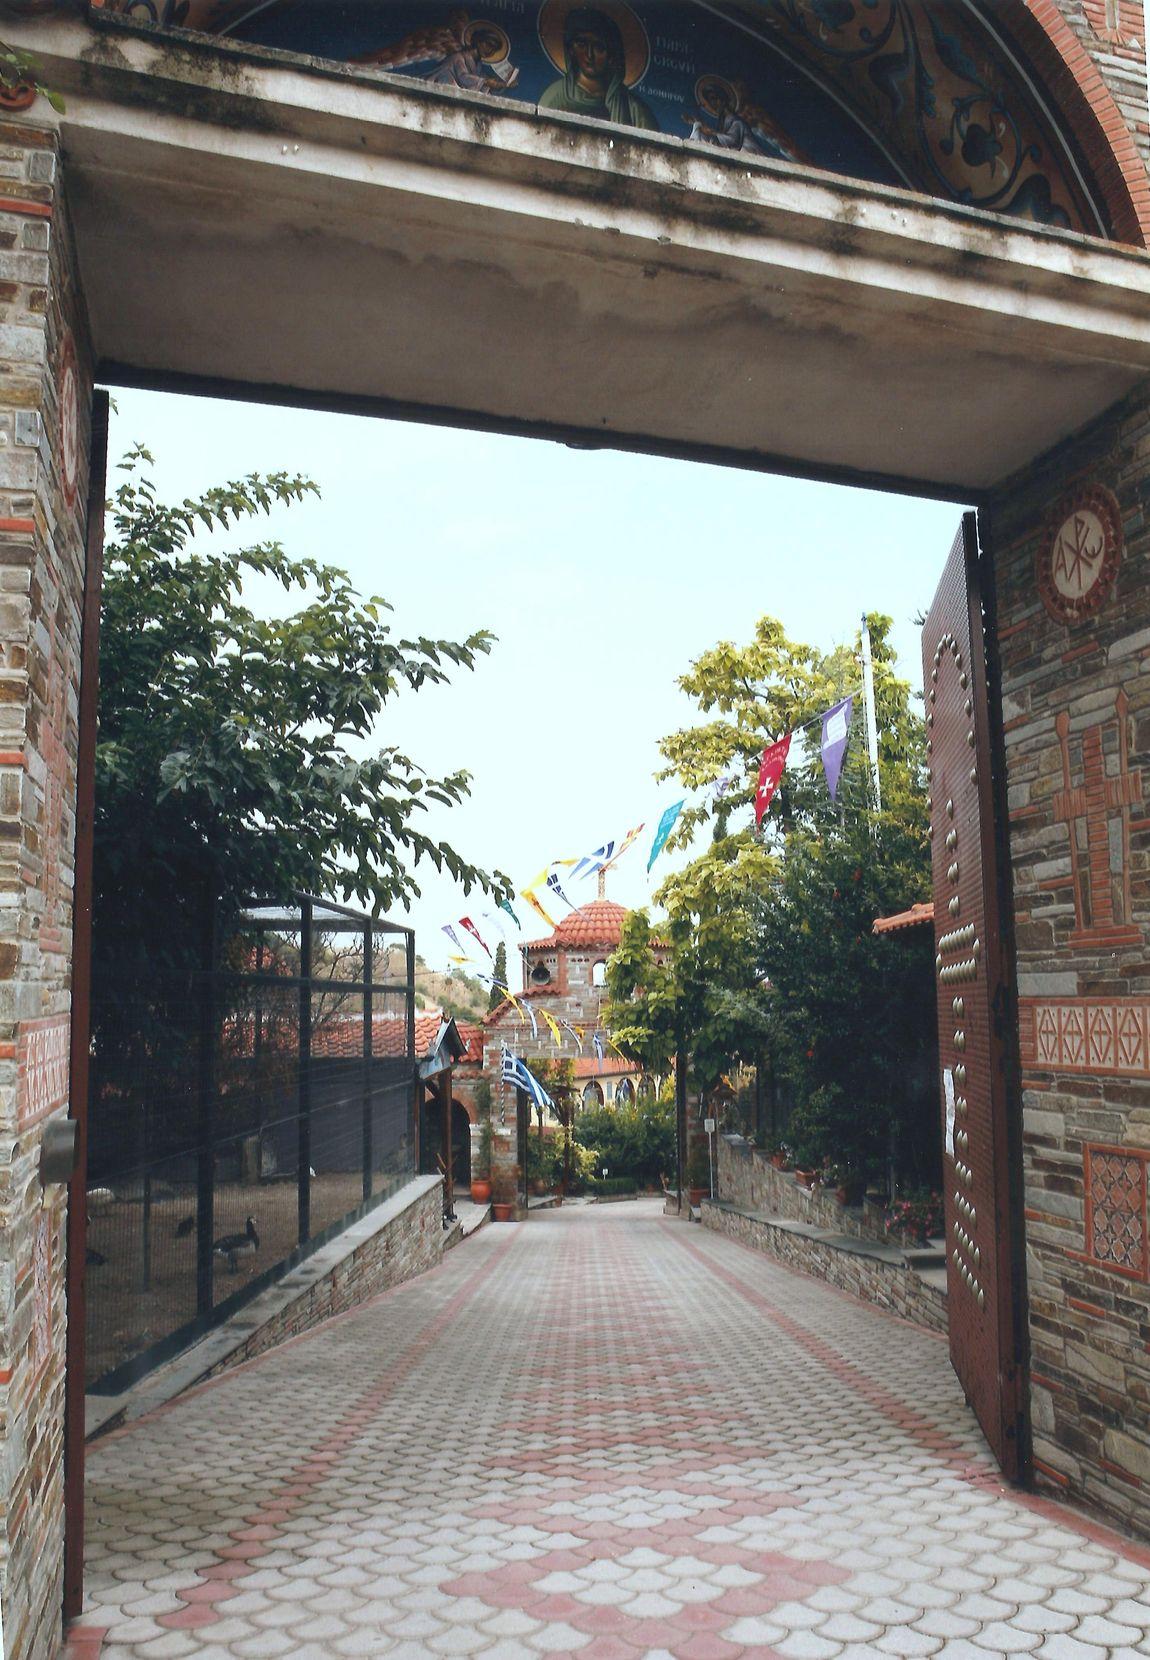 Από την 1η στη 2η Πύλη όπου διακρίνεται μία από τις πολλές εγκαταστάσεις με σπάνια πουλιά στη Μονή.